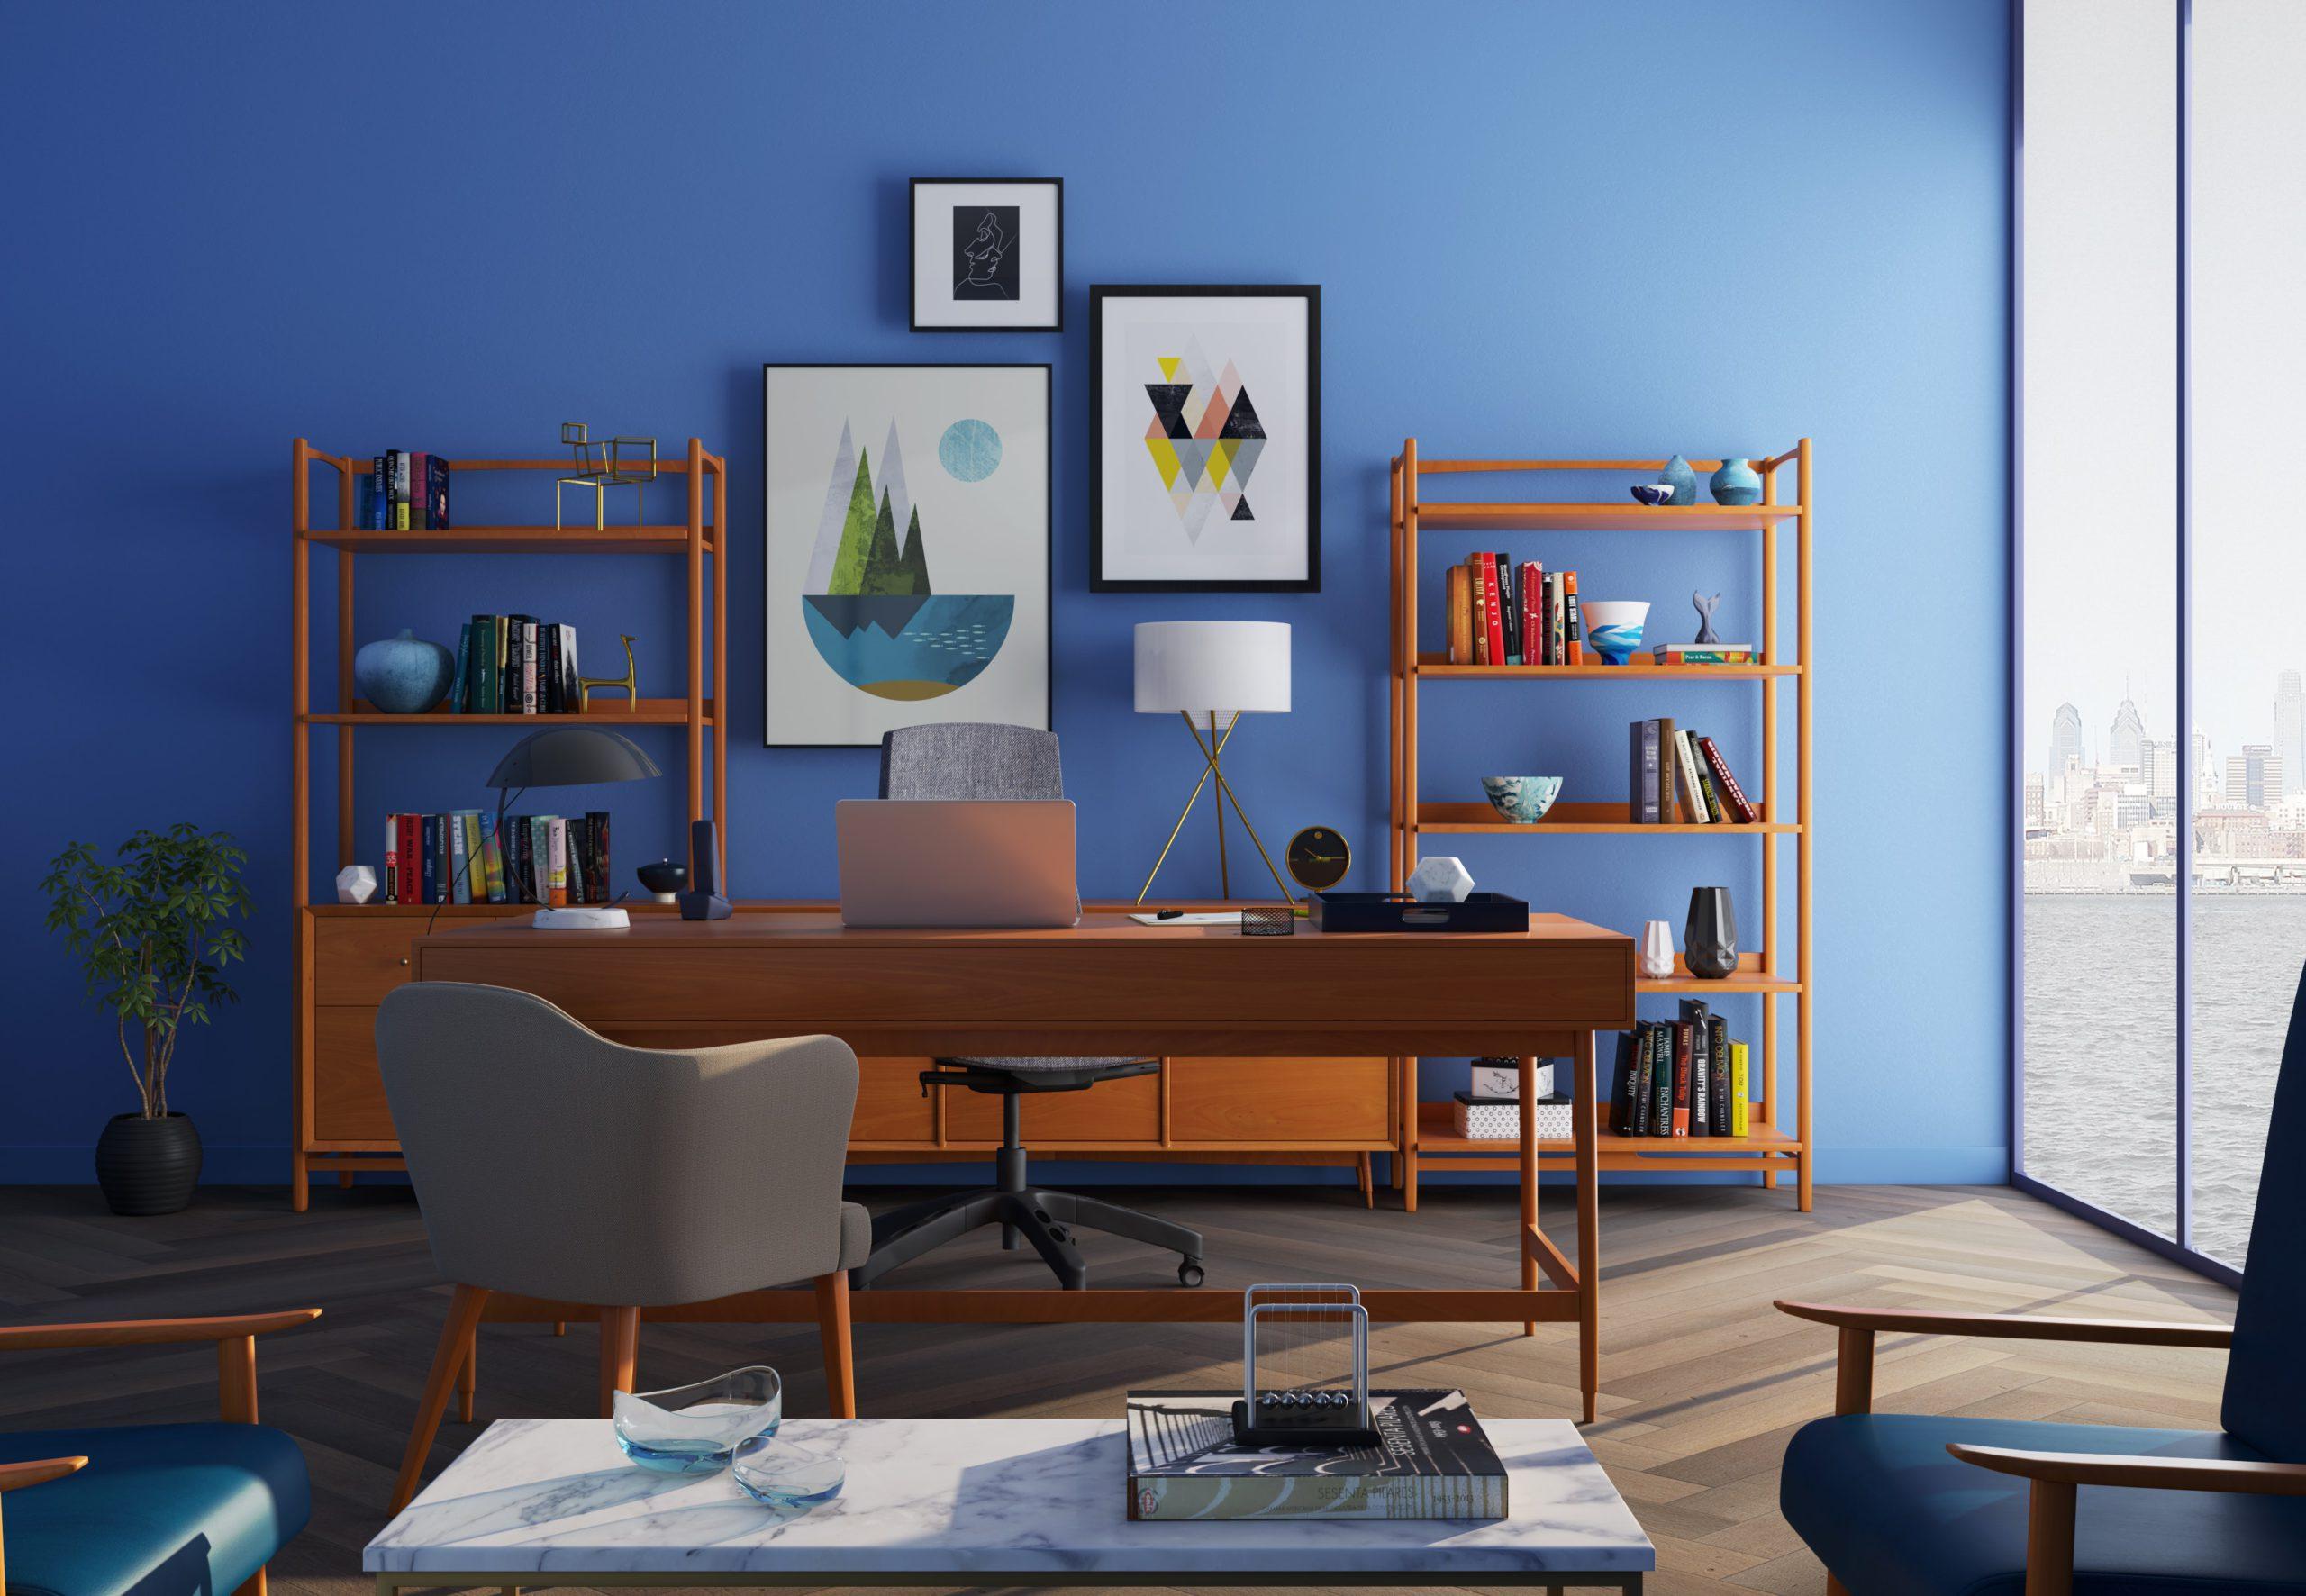 Egy ízlésesen berendezett otthoni iroda, ahonnan tökéletesen lehet home office-ban vagy távmunkában dolgozni.